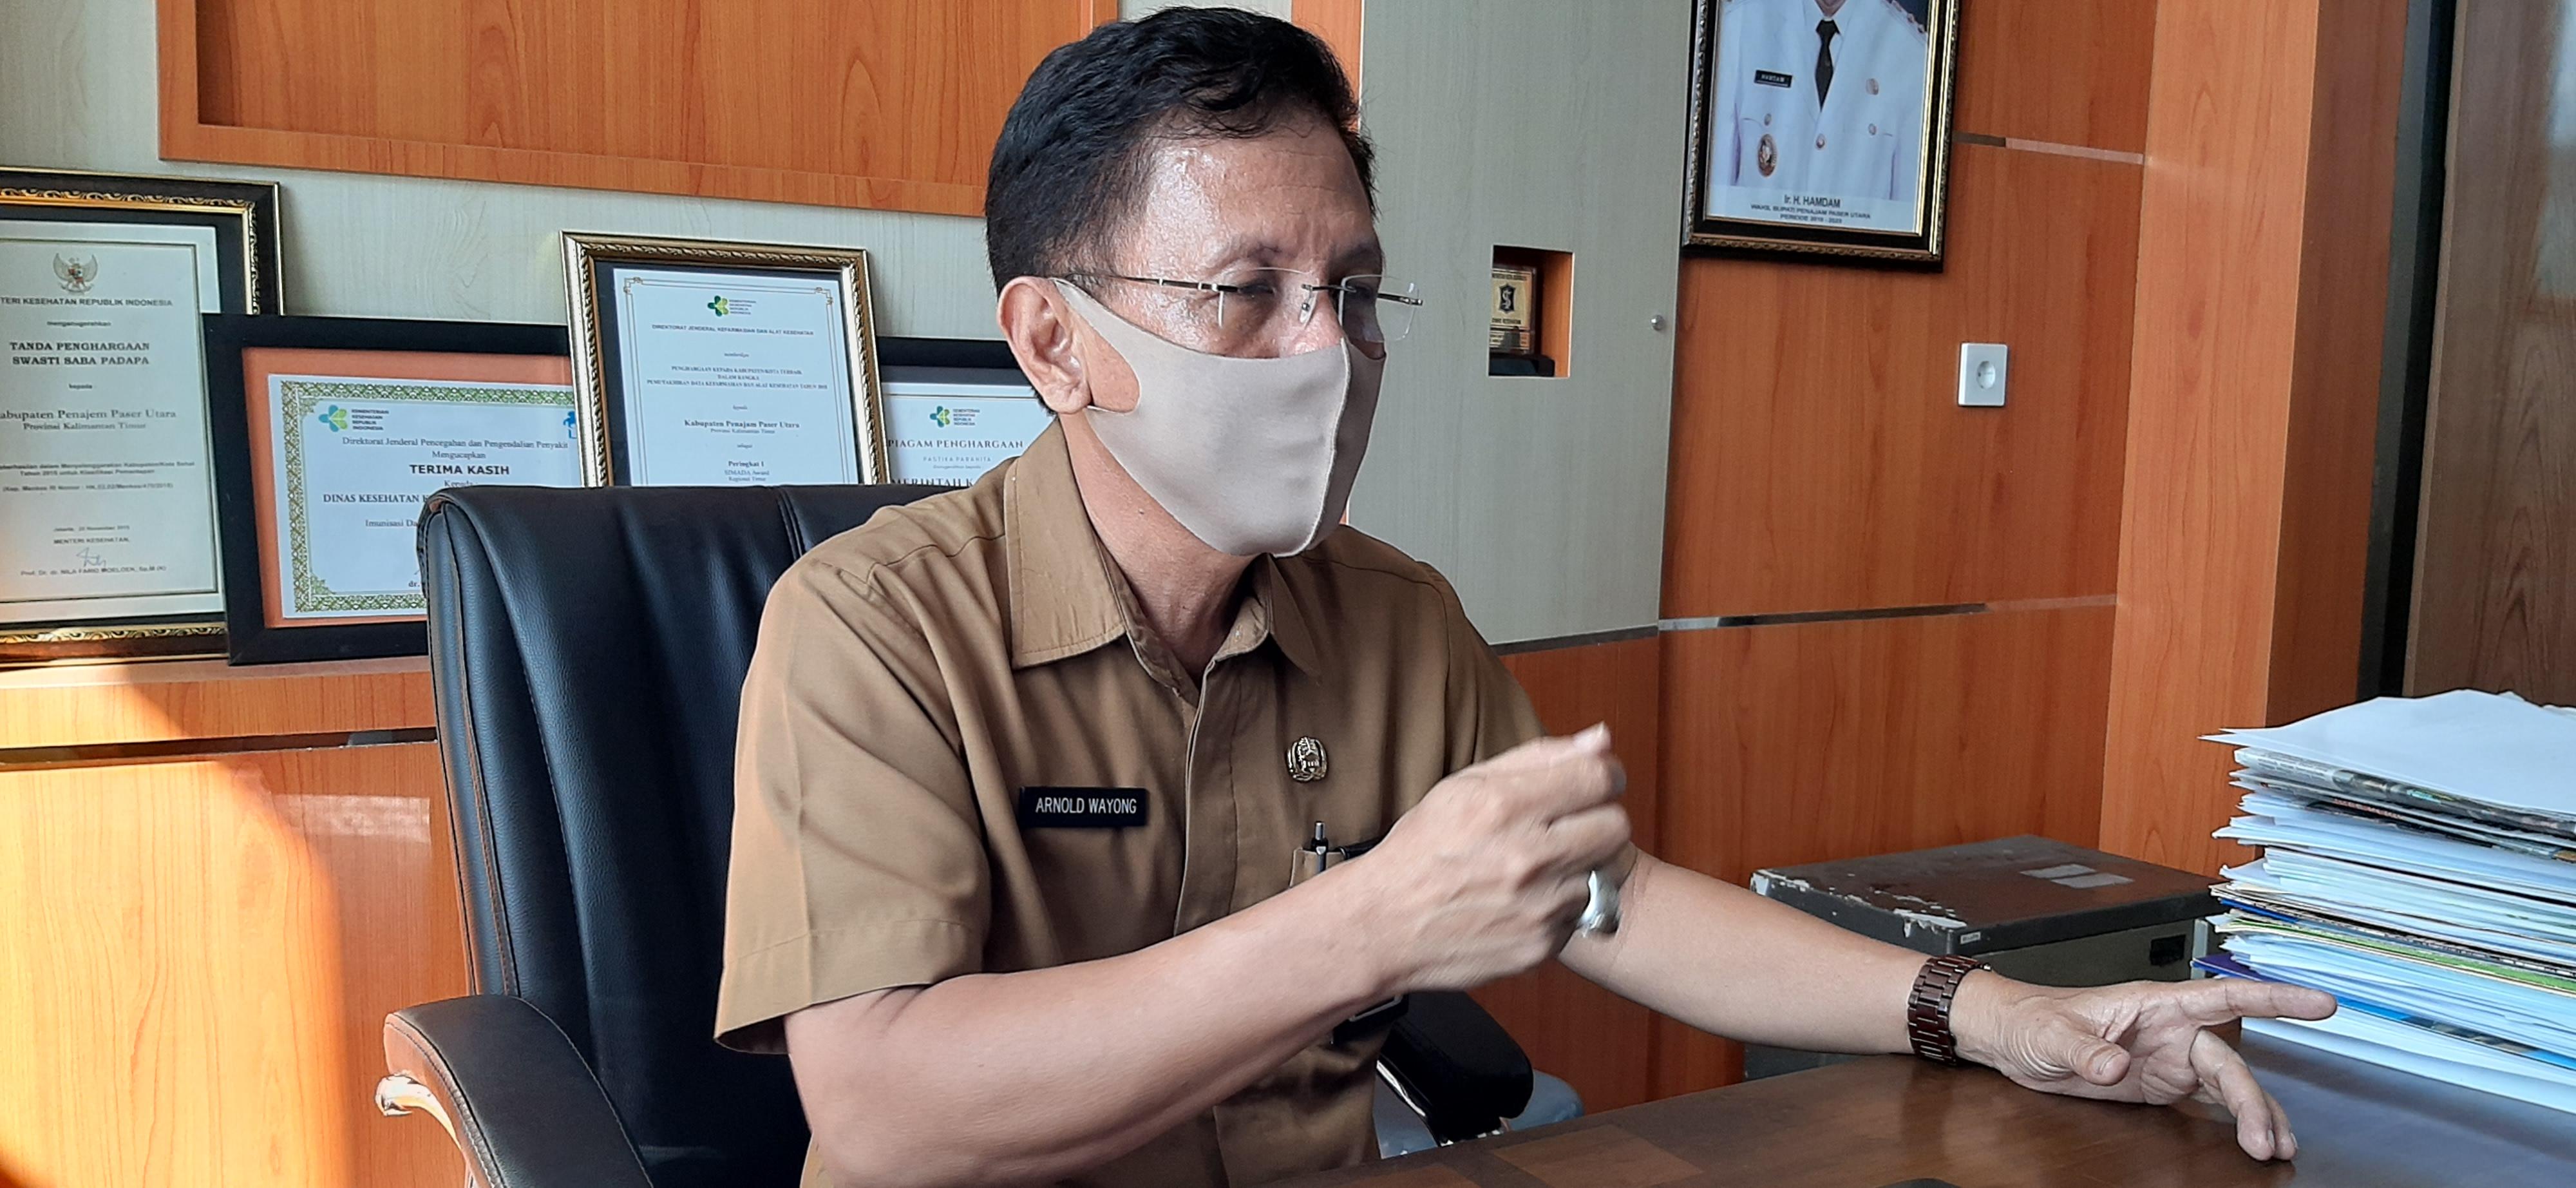 Siap Operasionalkan RS Pratama Sepaku, Pemerintah PPU Terkendala Wabah Pandemic CoViD-19